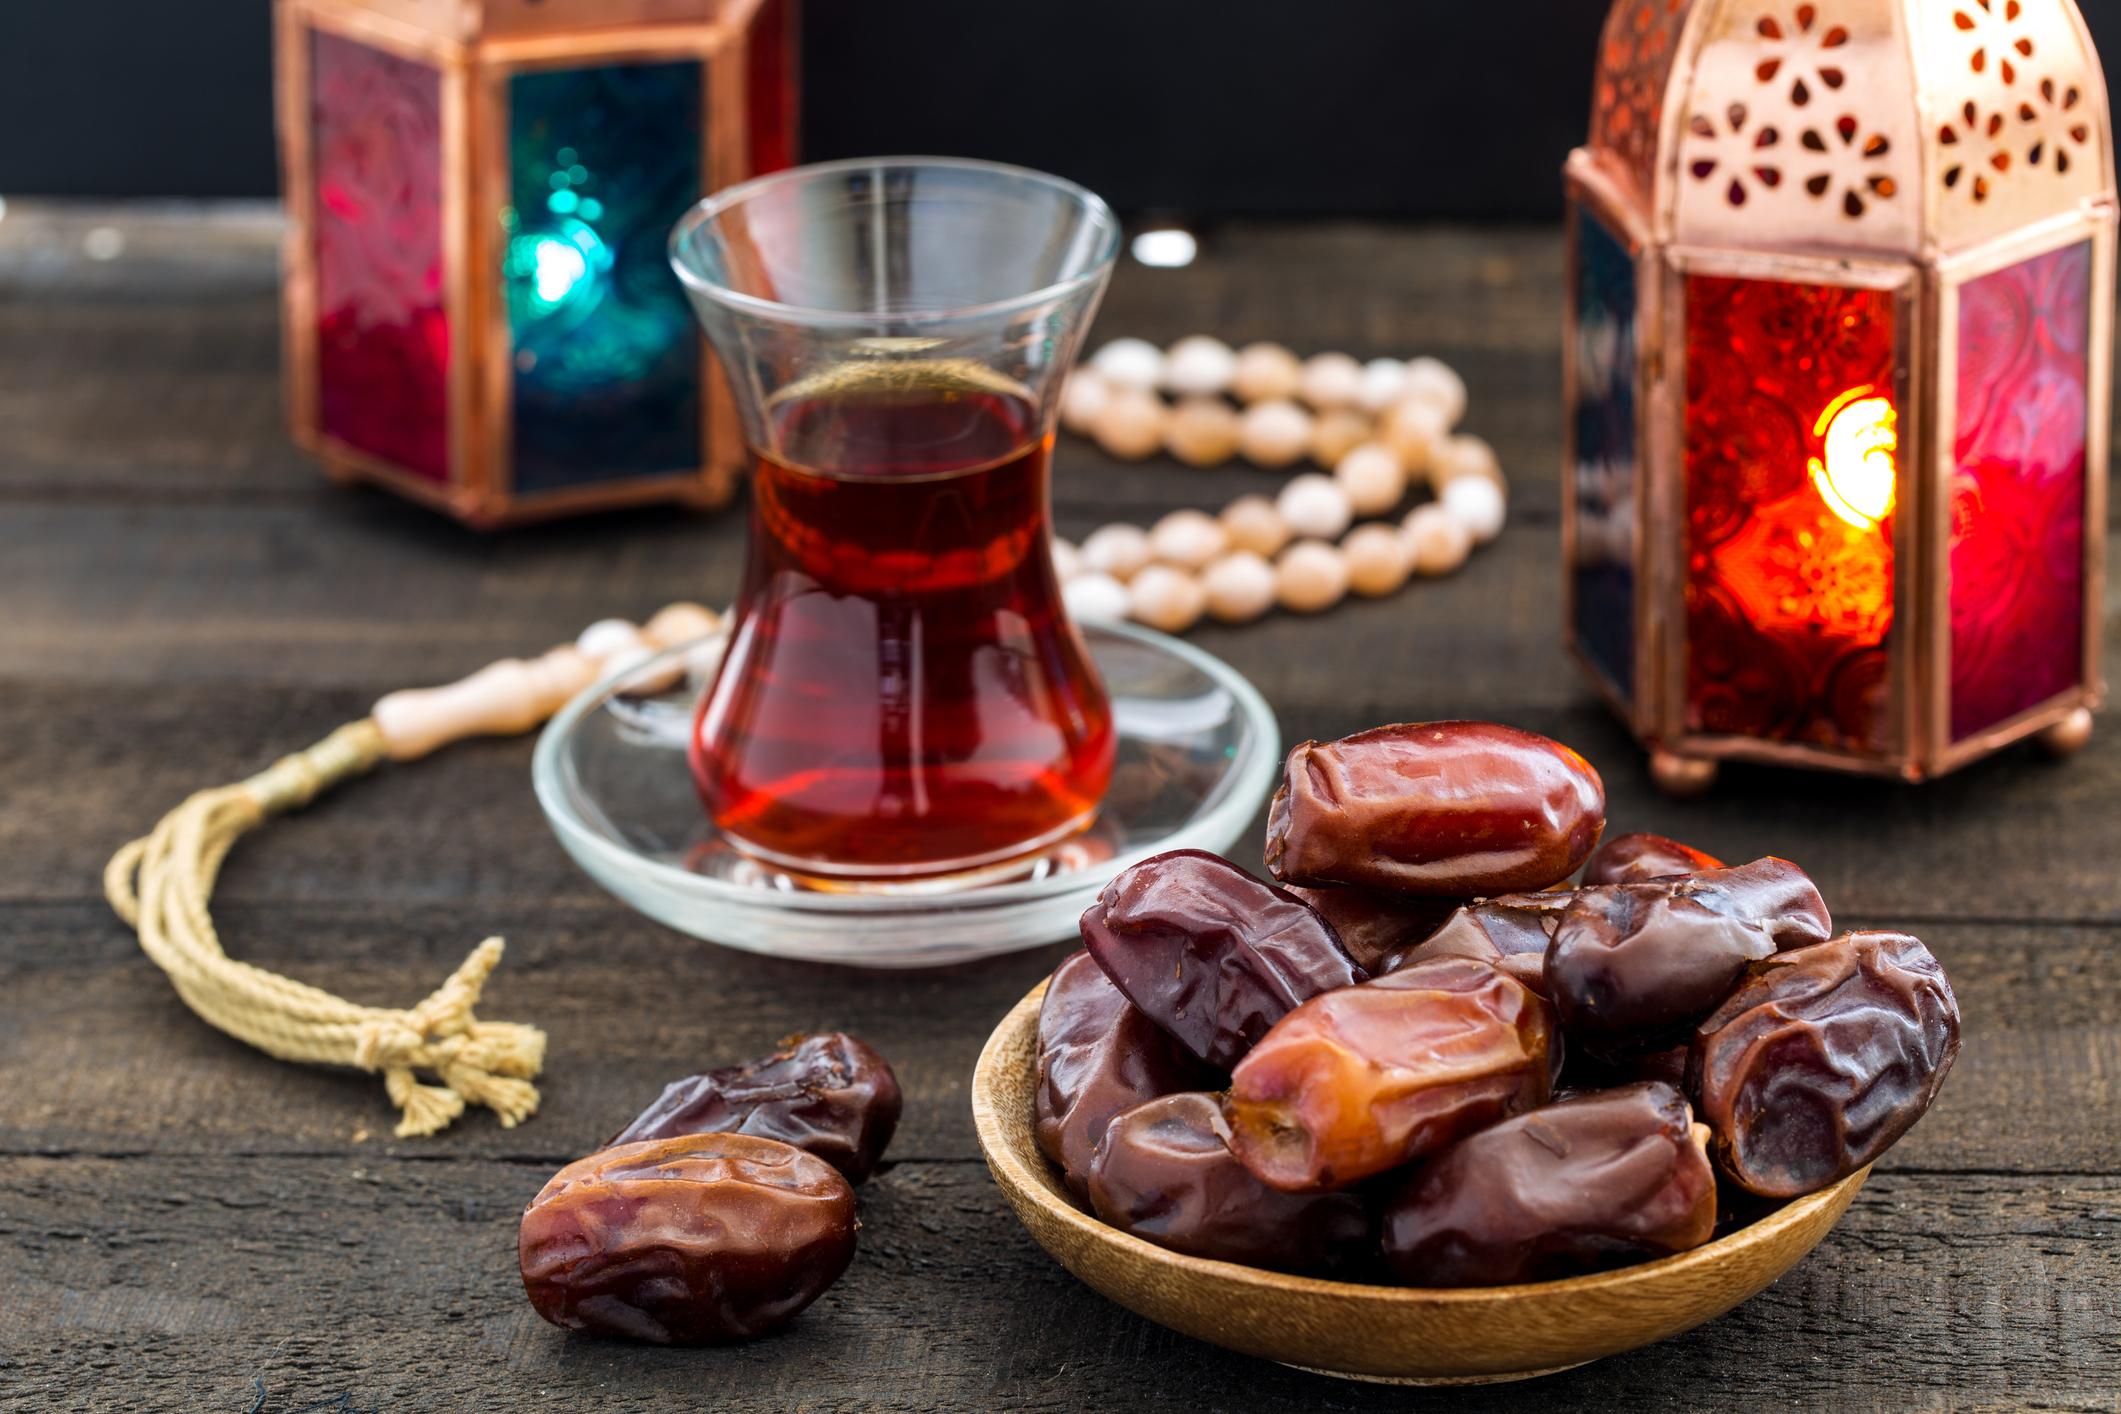 La diabetes y el ayuno Ramadán